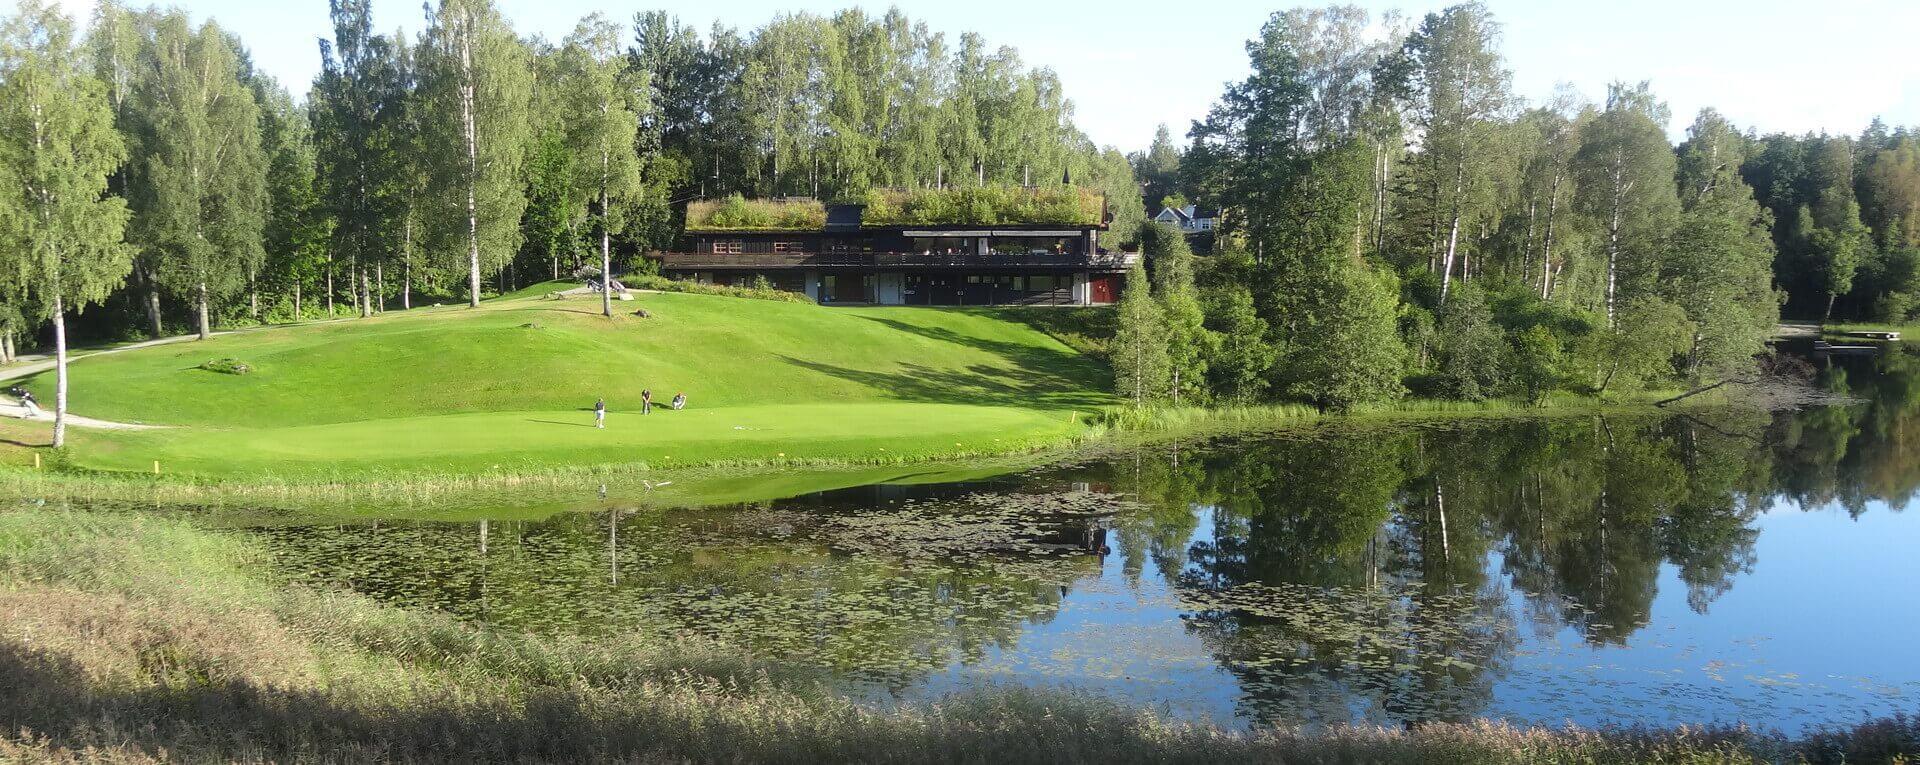 Asker Golfklubb